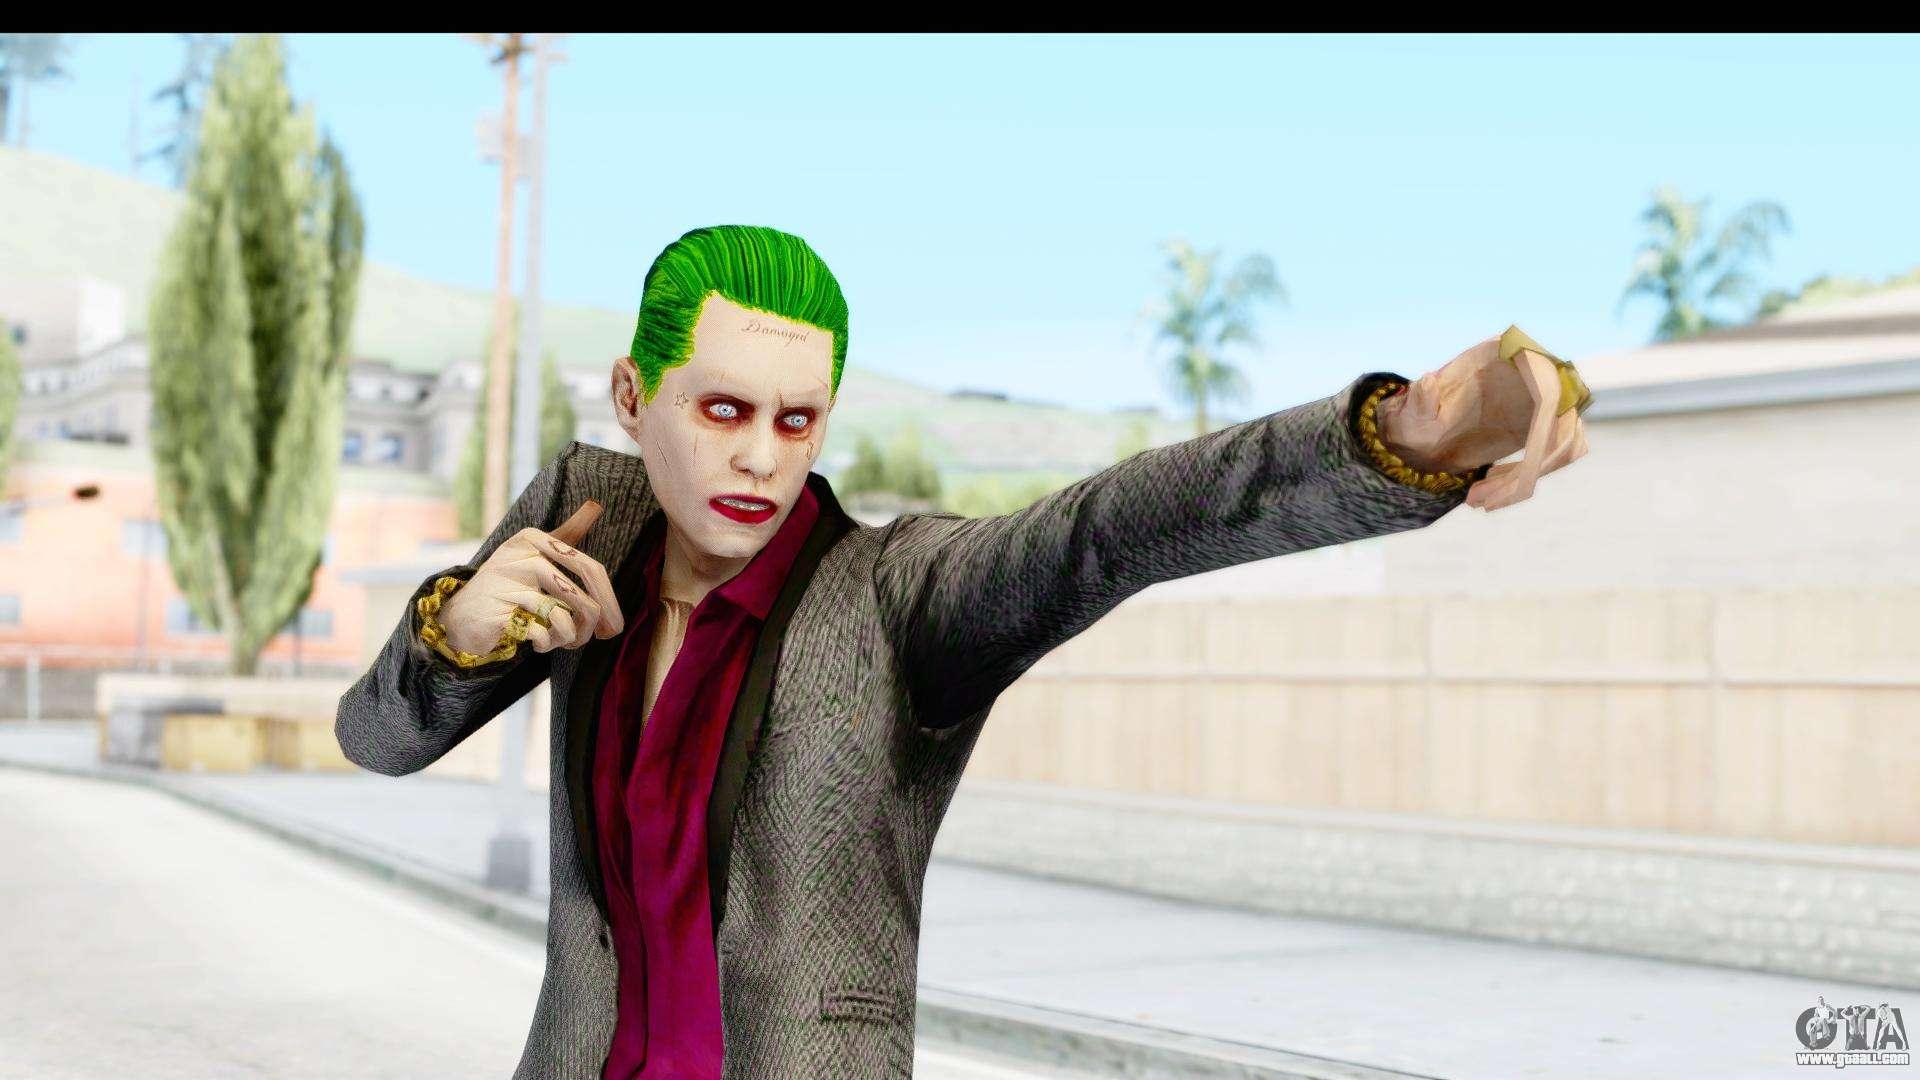 The Joker Skin for GTA San Andreas